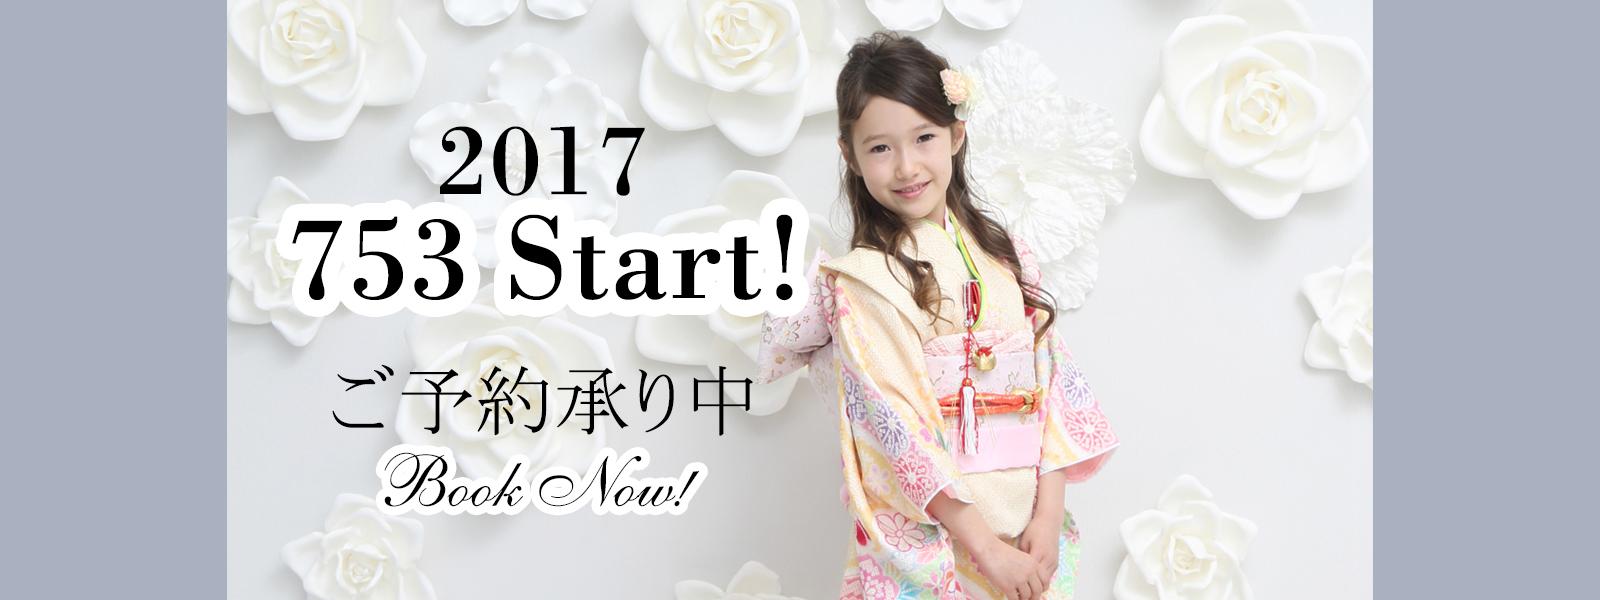 七五三 所沢 新所沢 航空公園 入曽 写真館